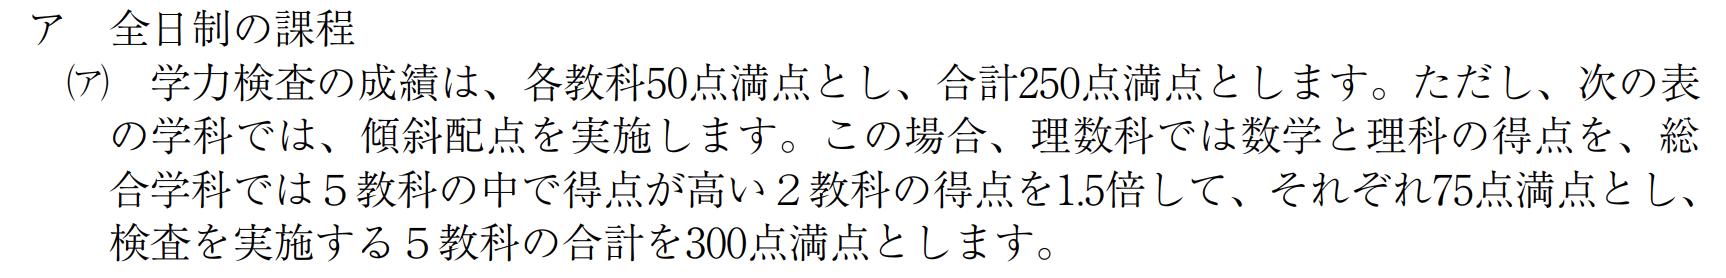 愛媛県公立高校入試制度1